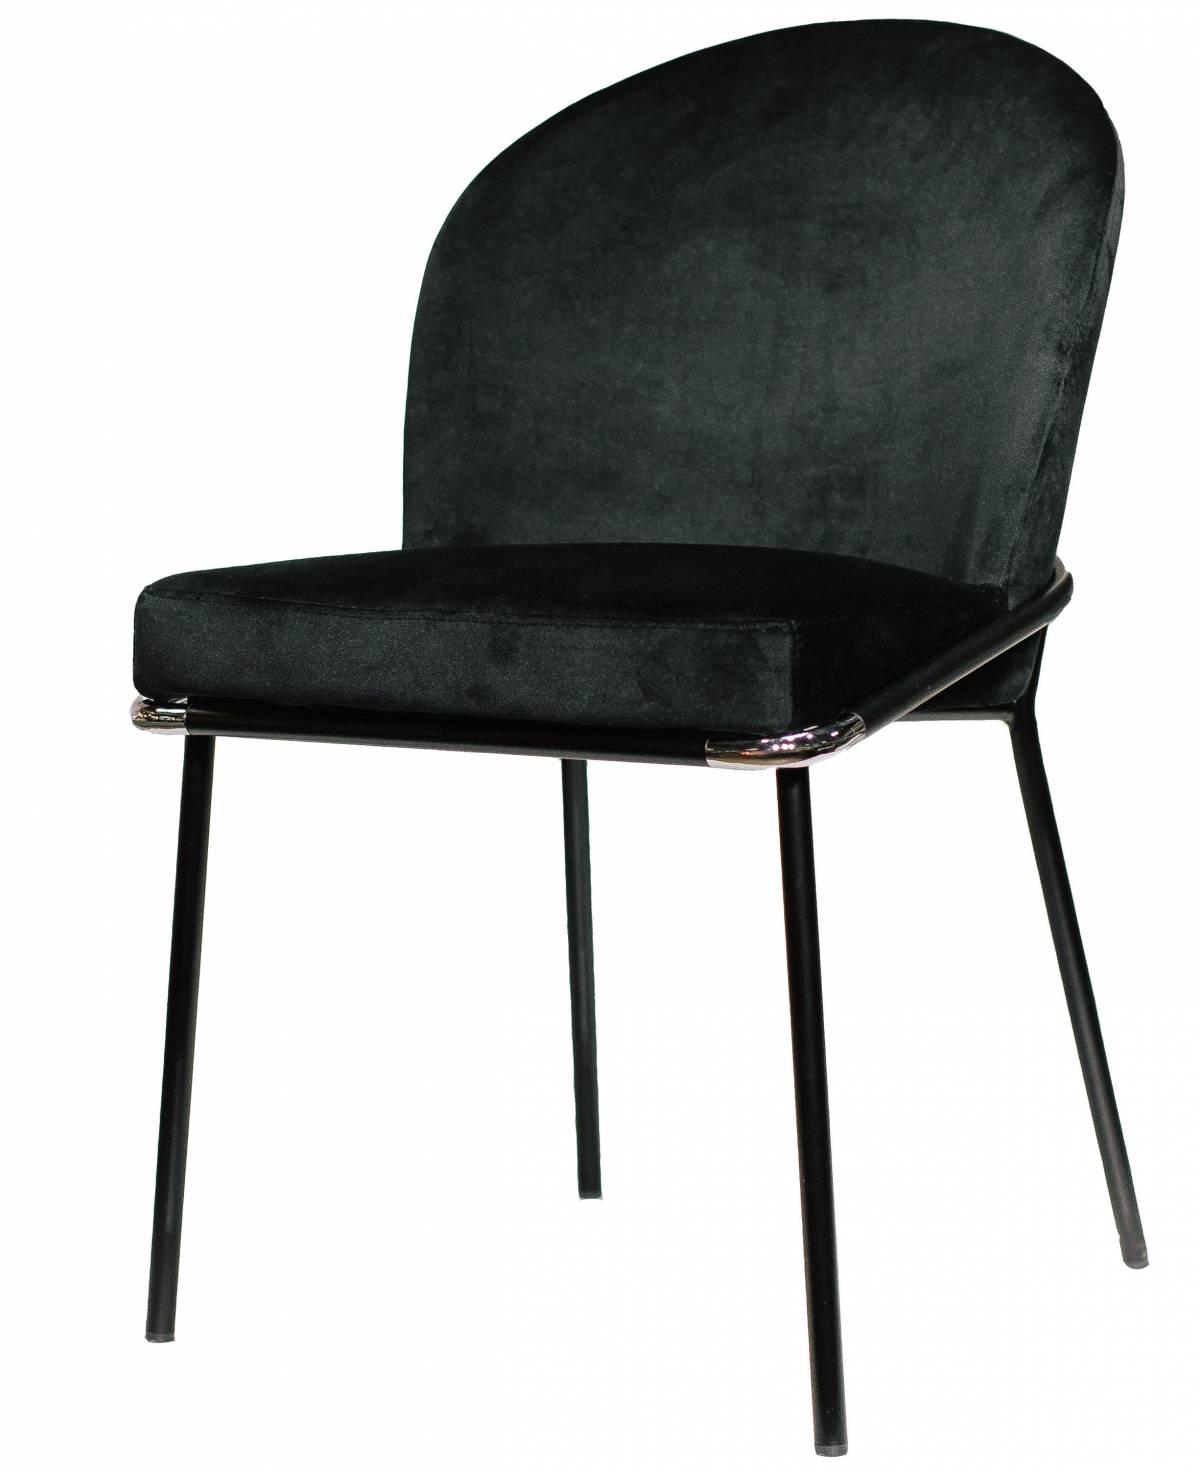 Купить стул Foxtrot в Raroom